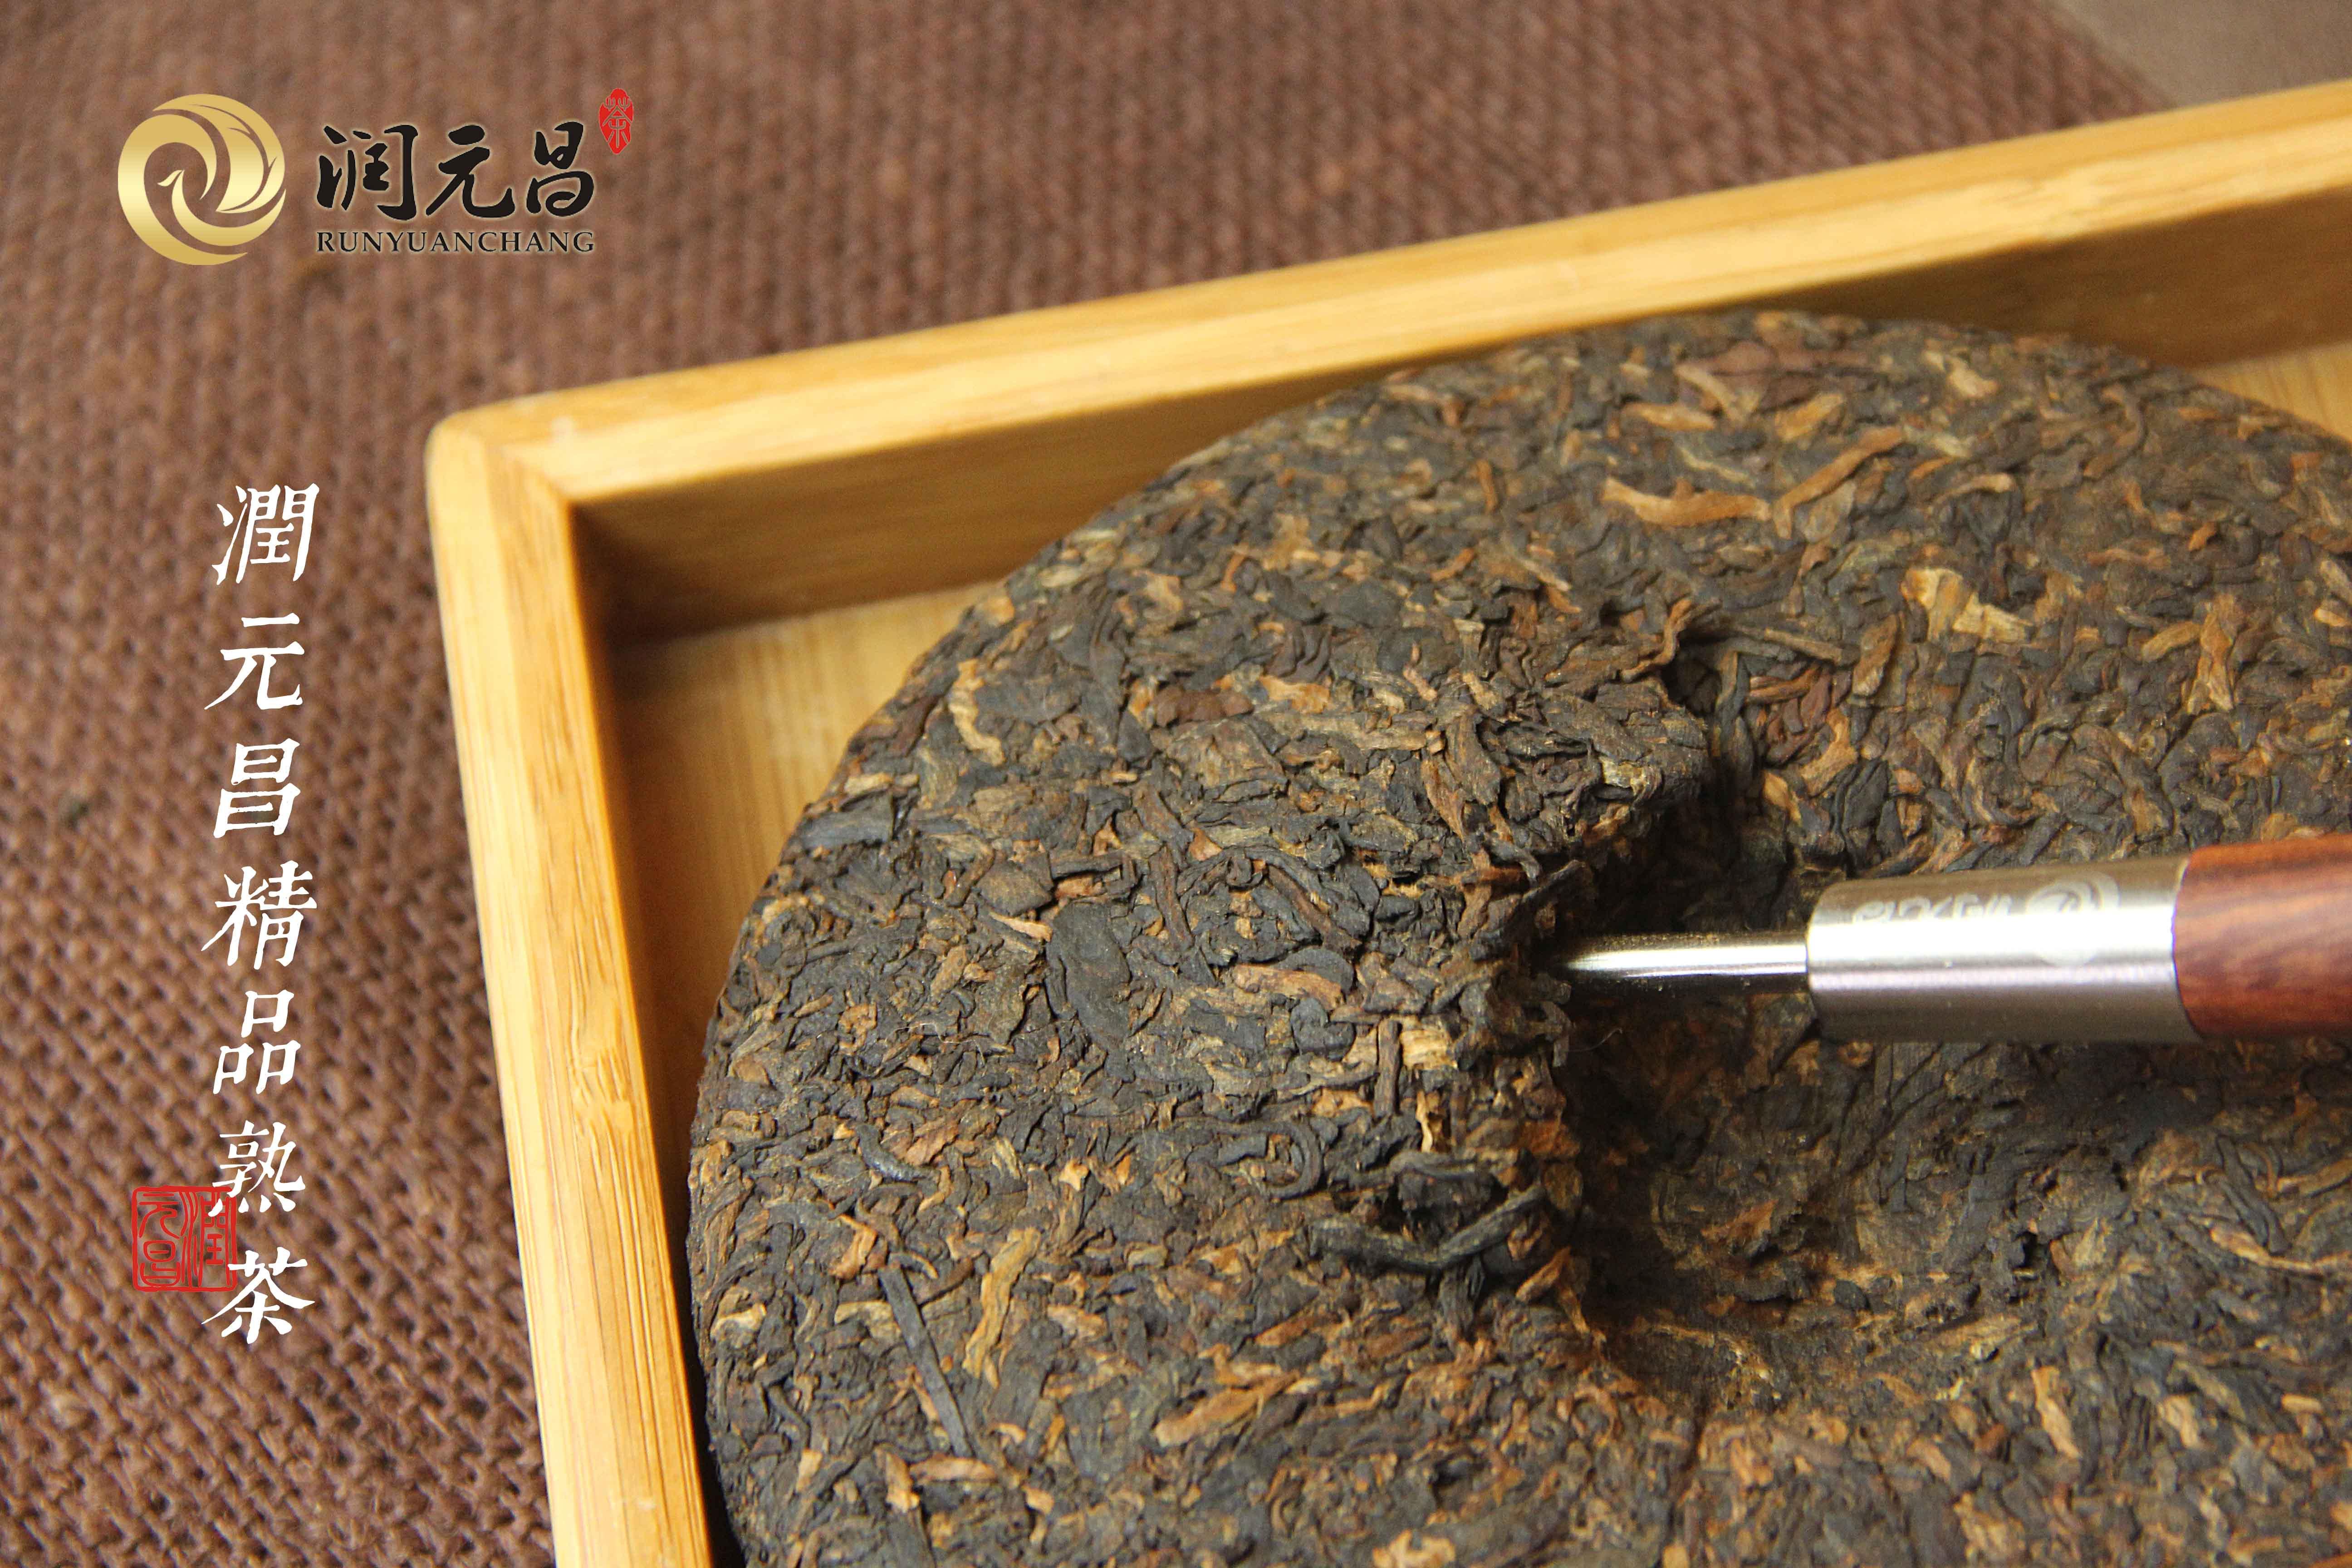 润元昌精品熟茶计划